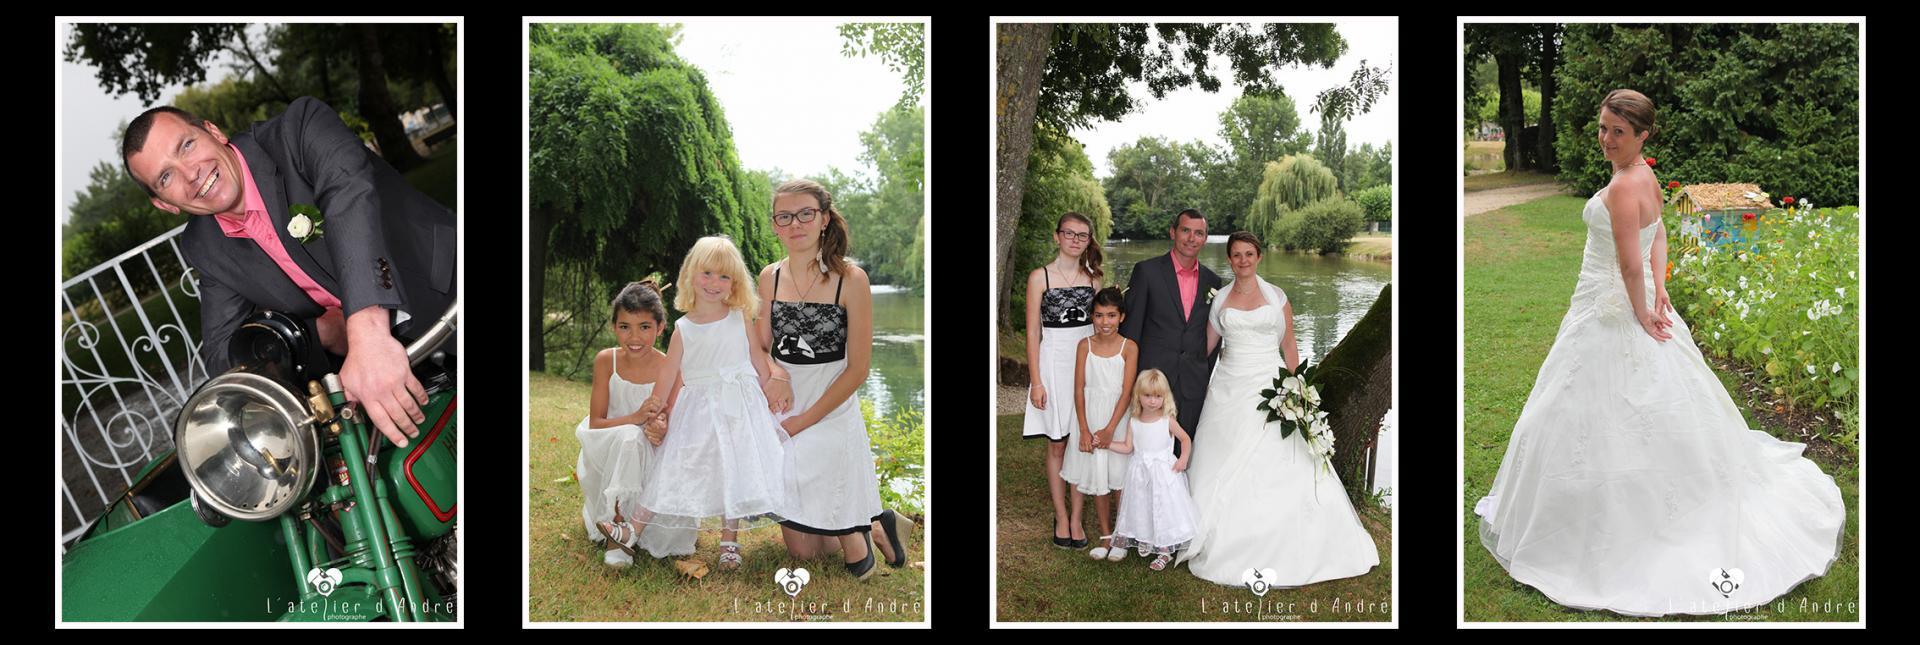 Mariage de Bénédicte et Ludovic le 08 Août 2015